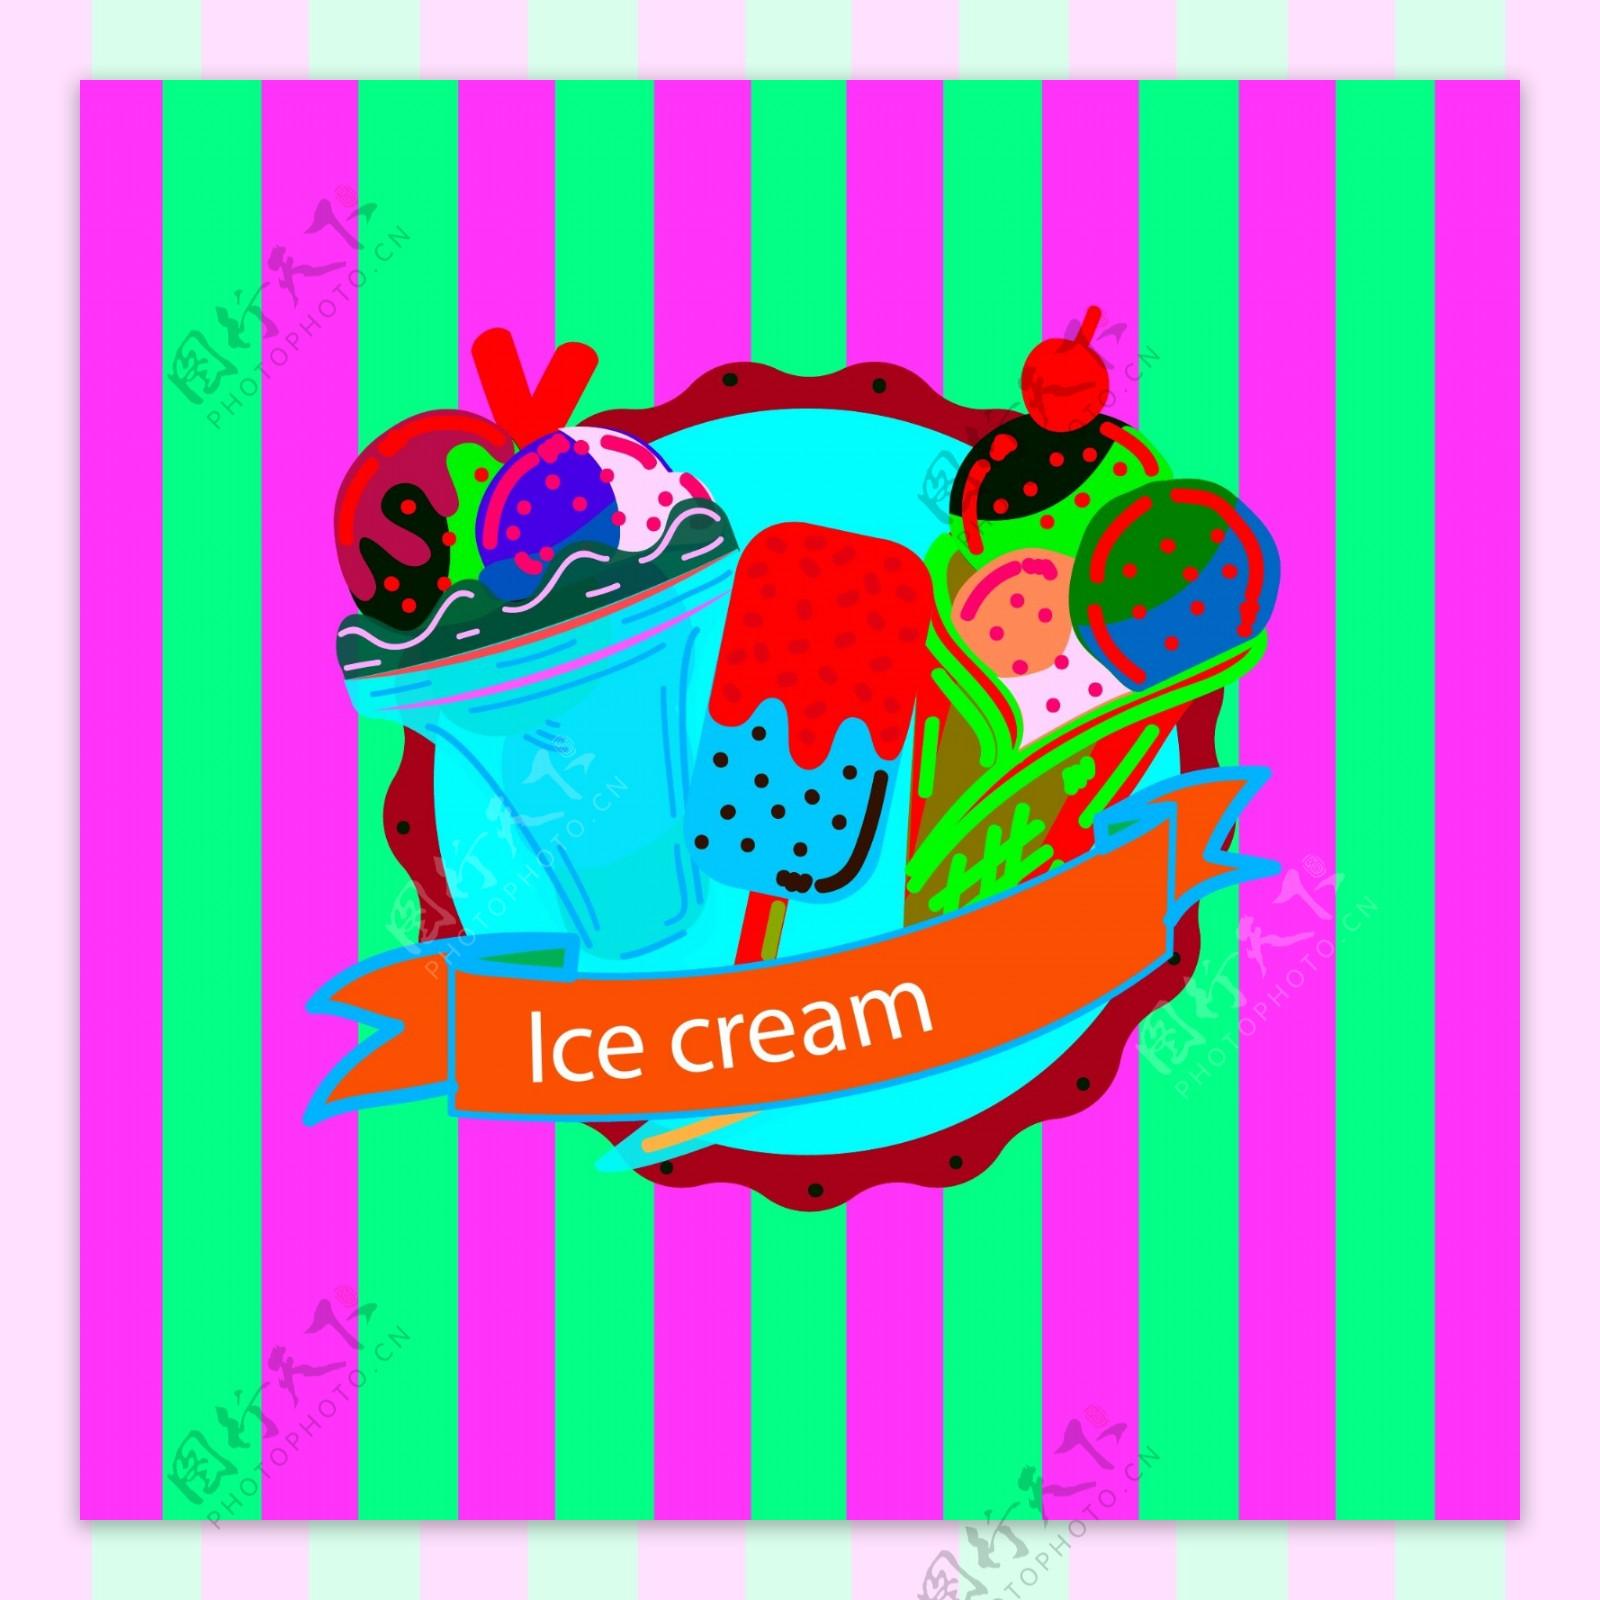 条纹冰淇淋背景